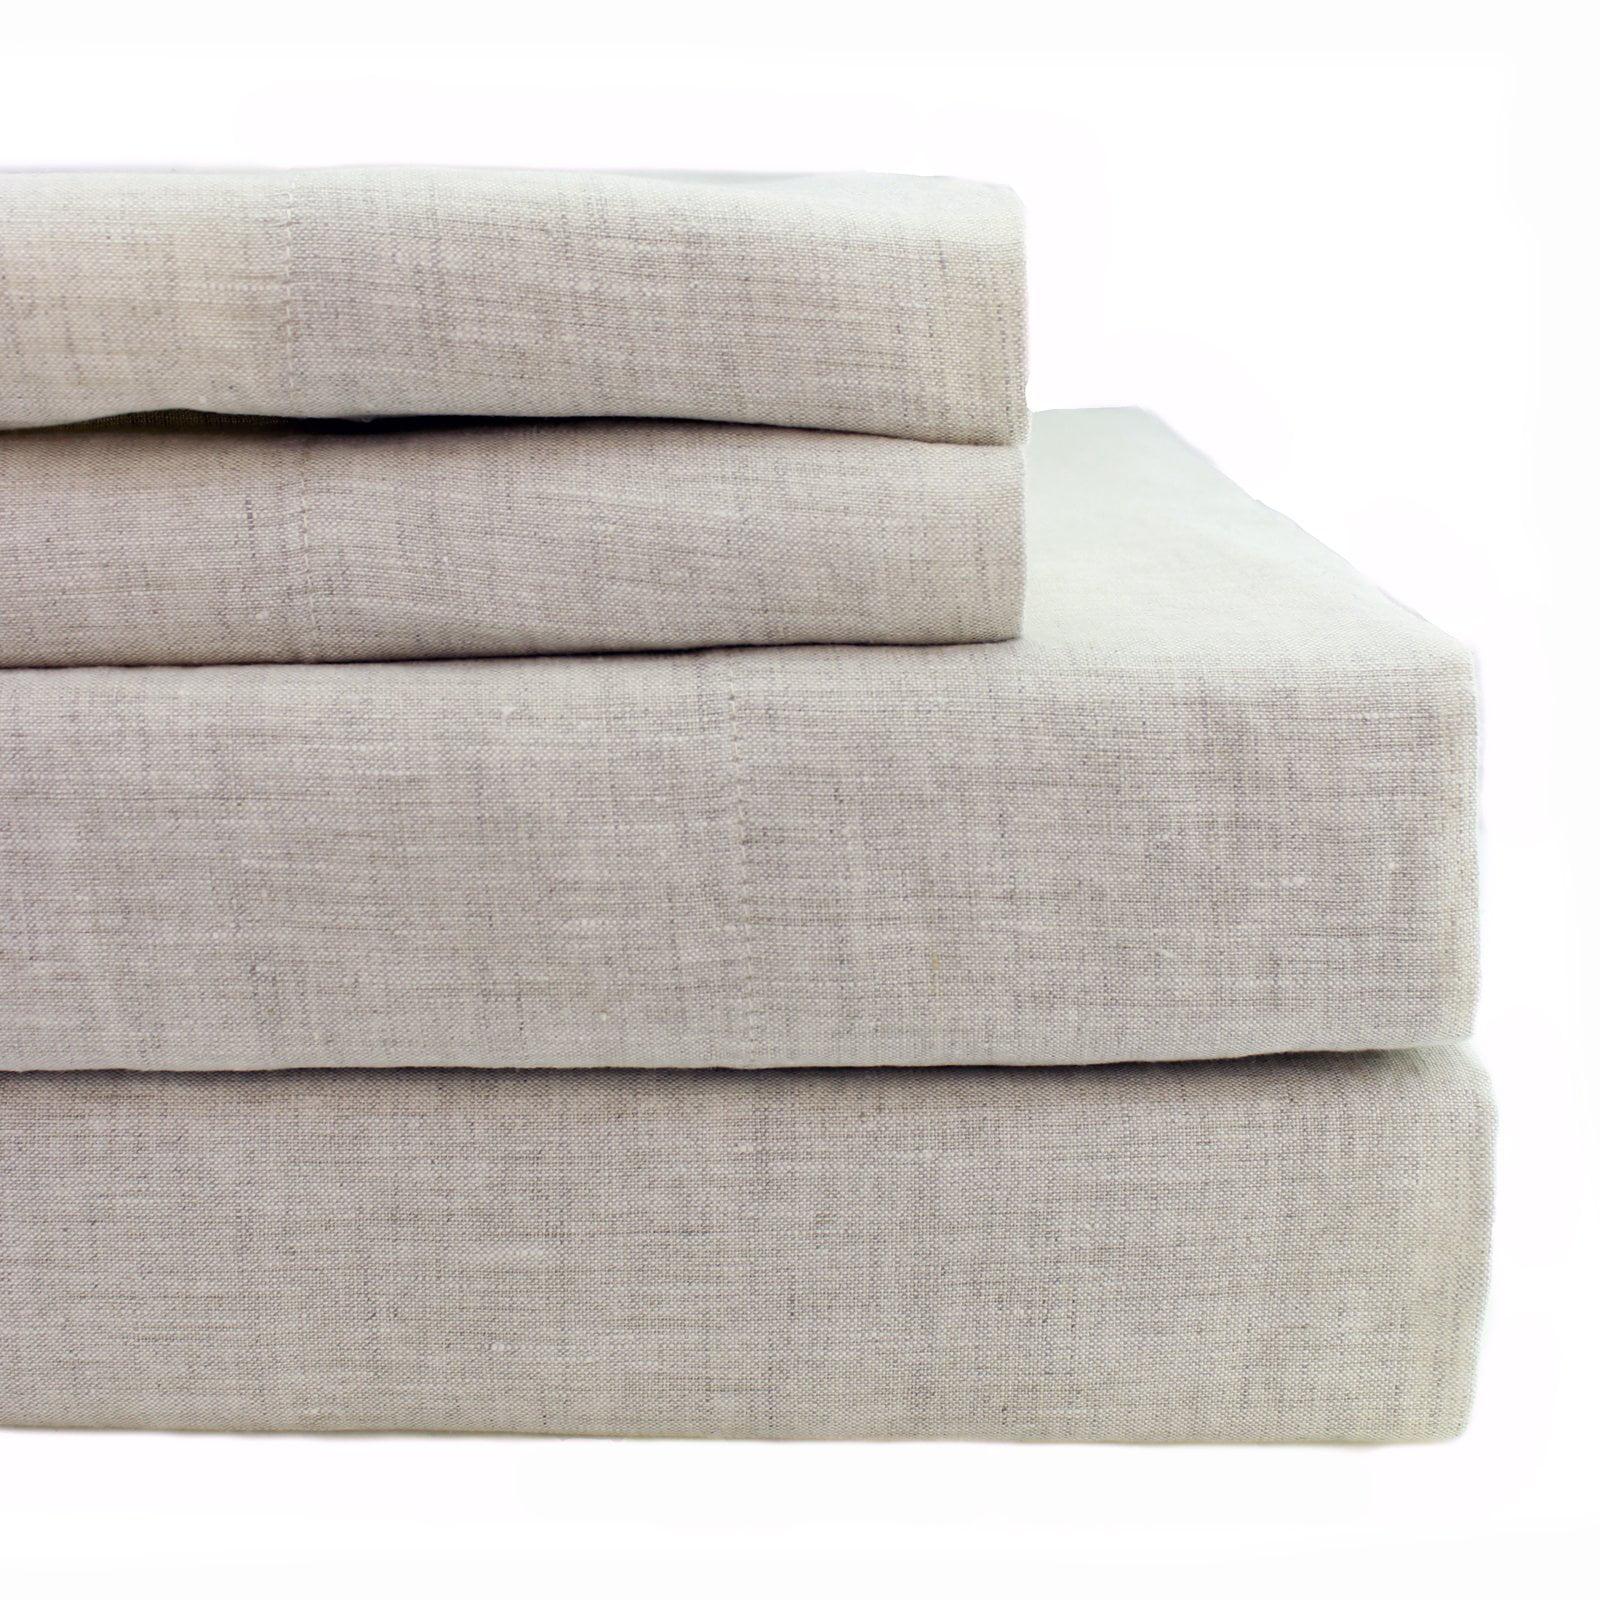 Linen Solid Sheet Set by Melange Home